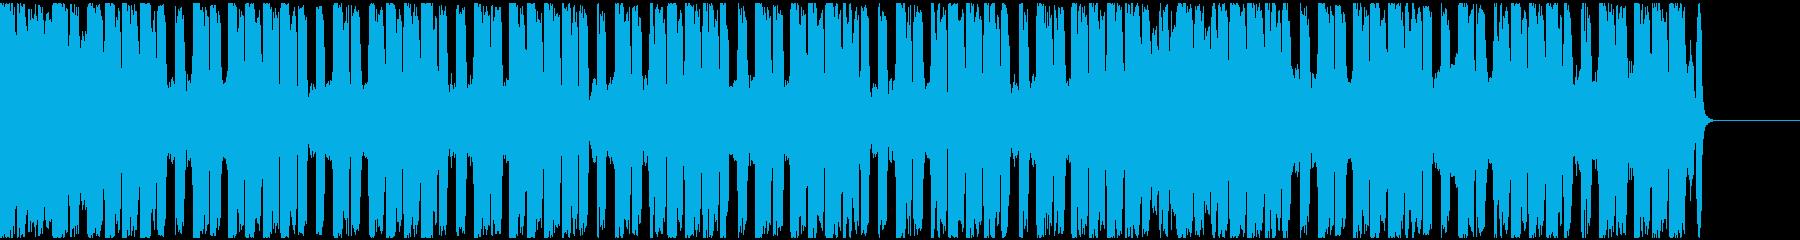 【フューチャーベース】4、ミディアム1の再生済みの波形